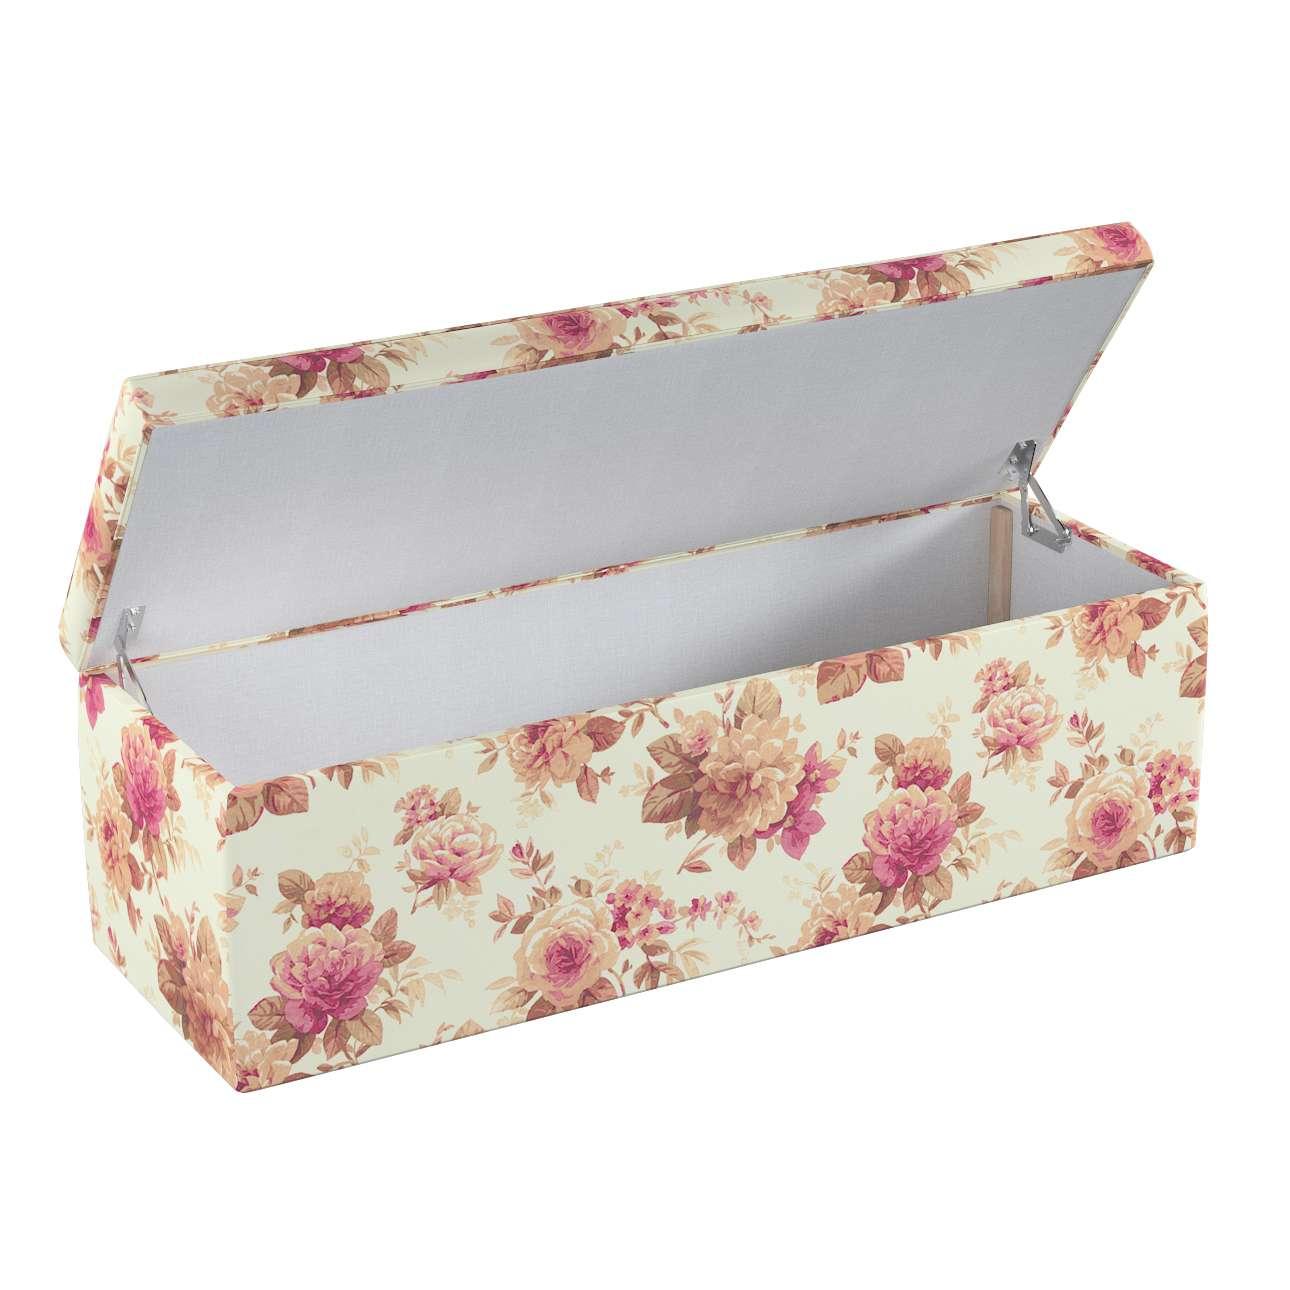 Čalouněná skříň s volbou látky - 2 velikosti v kolekci Mirella, látka: 141-06